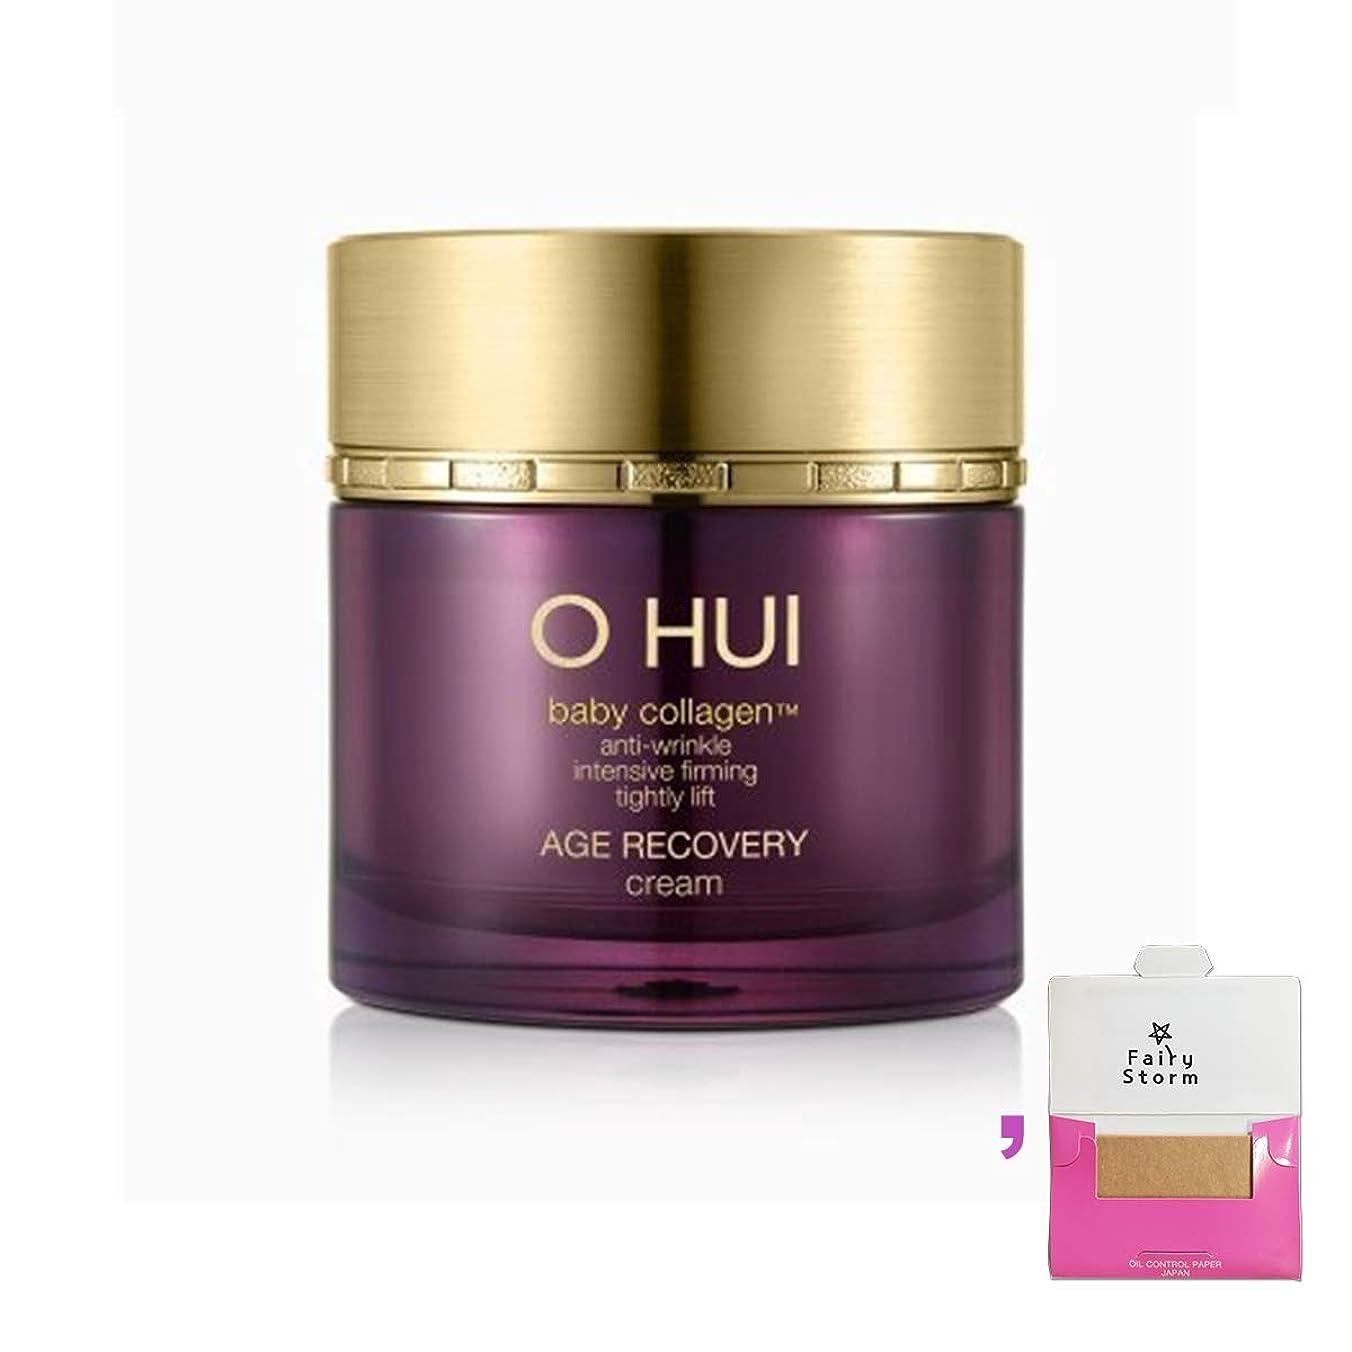 シフト糞サイト[オフィ/ O HUI]韓国化粧品 LG生活健康/オフィ エイジ リカバリー クリーム/O HUI AGE RECOVERY CREAM 50ml+ [Sample Gift](海外直送品)